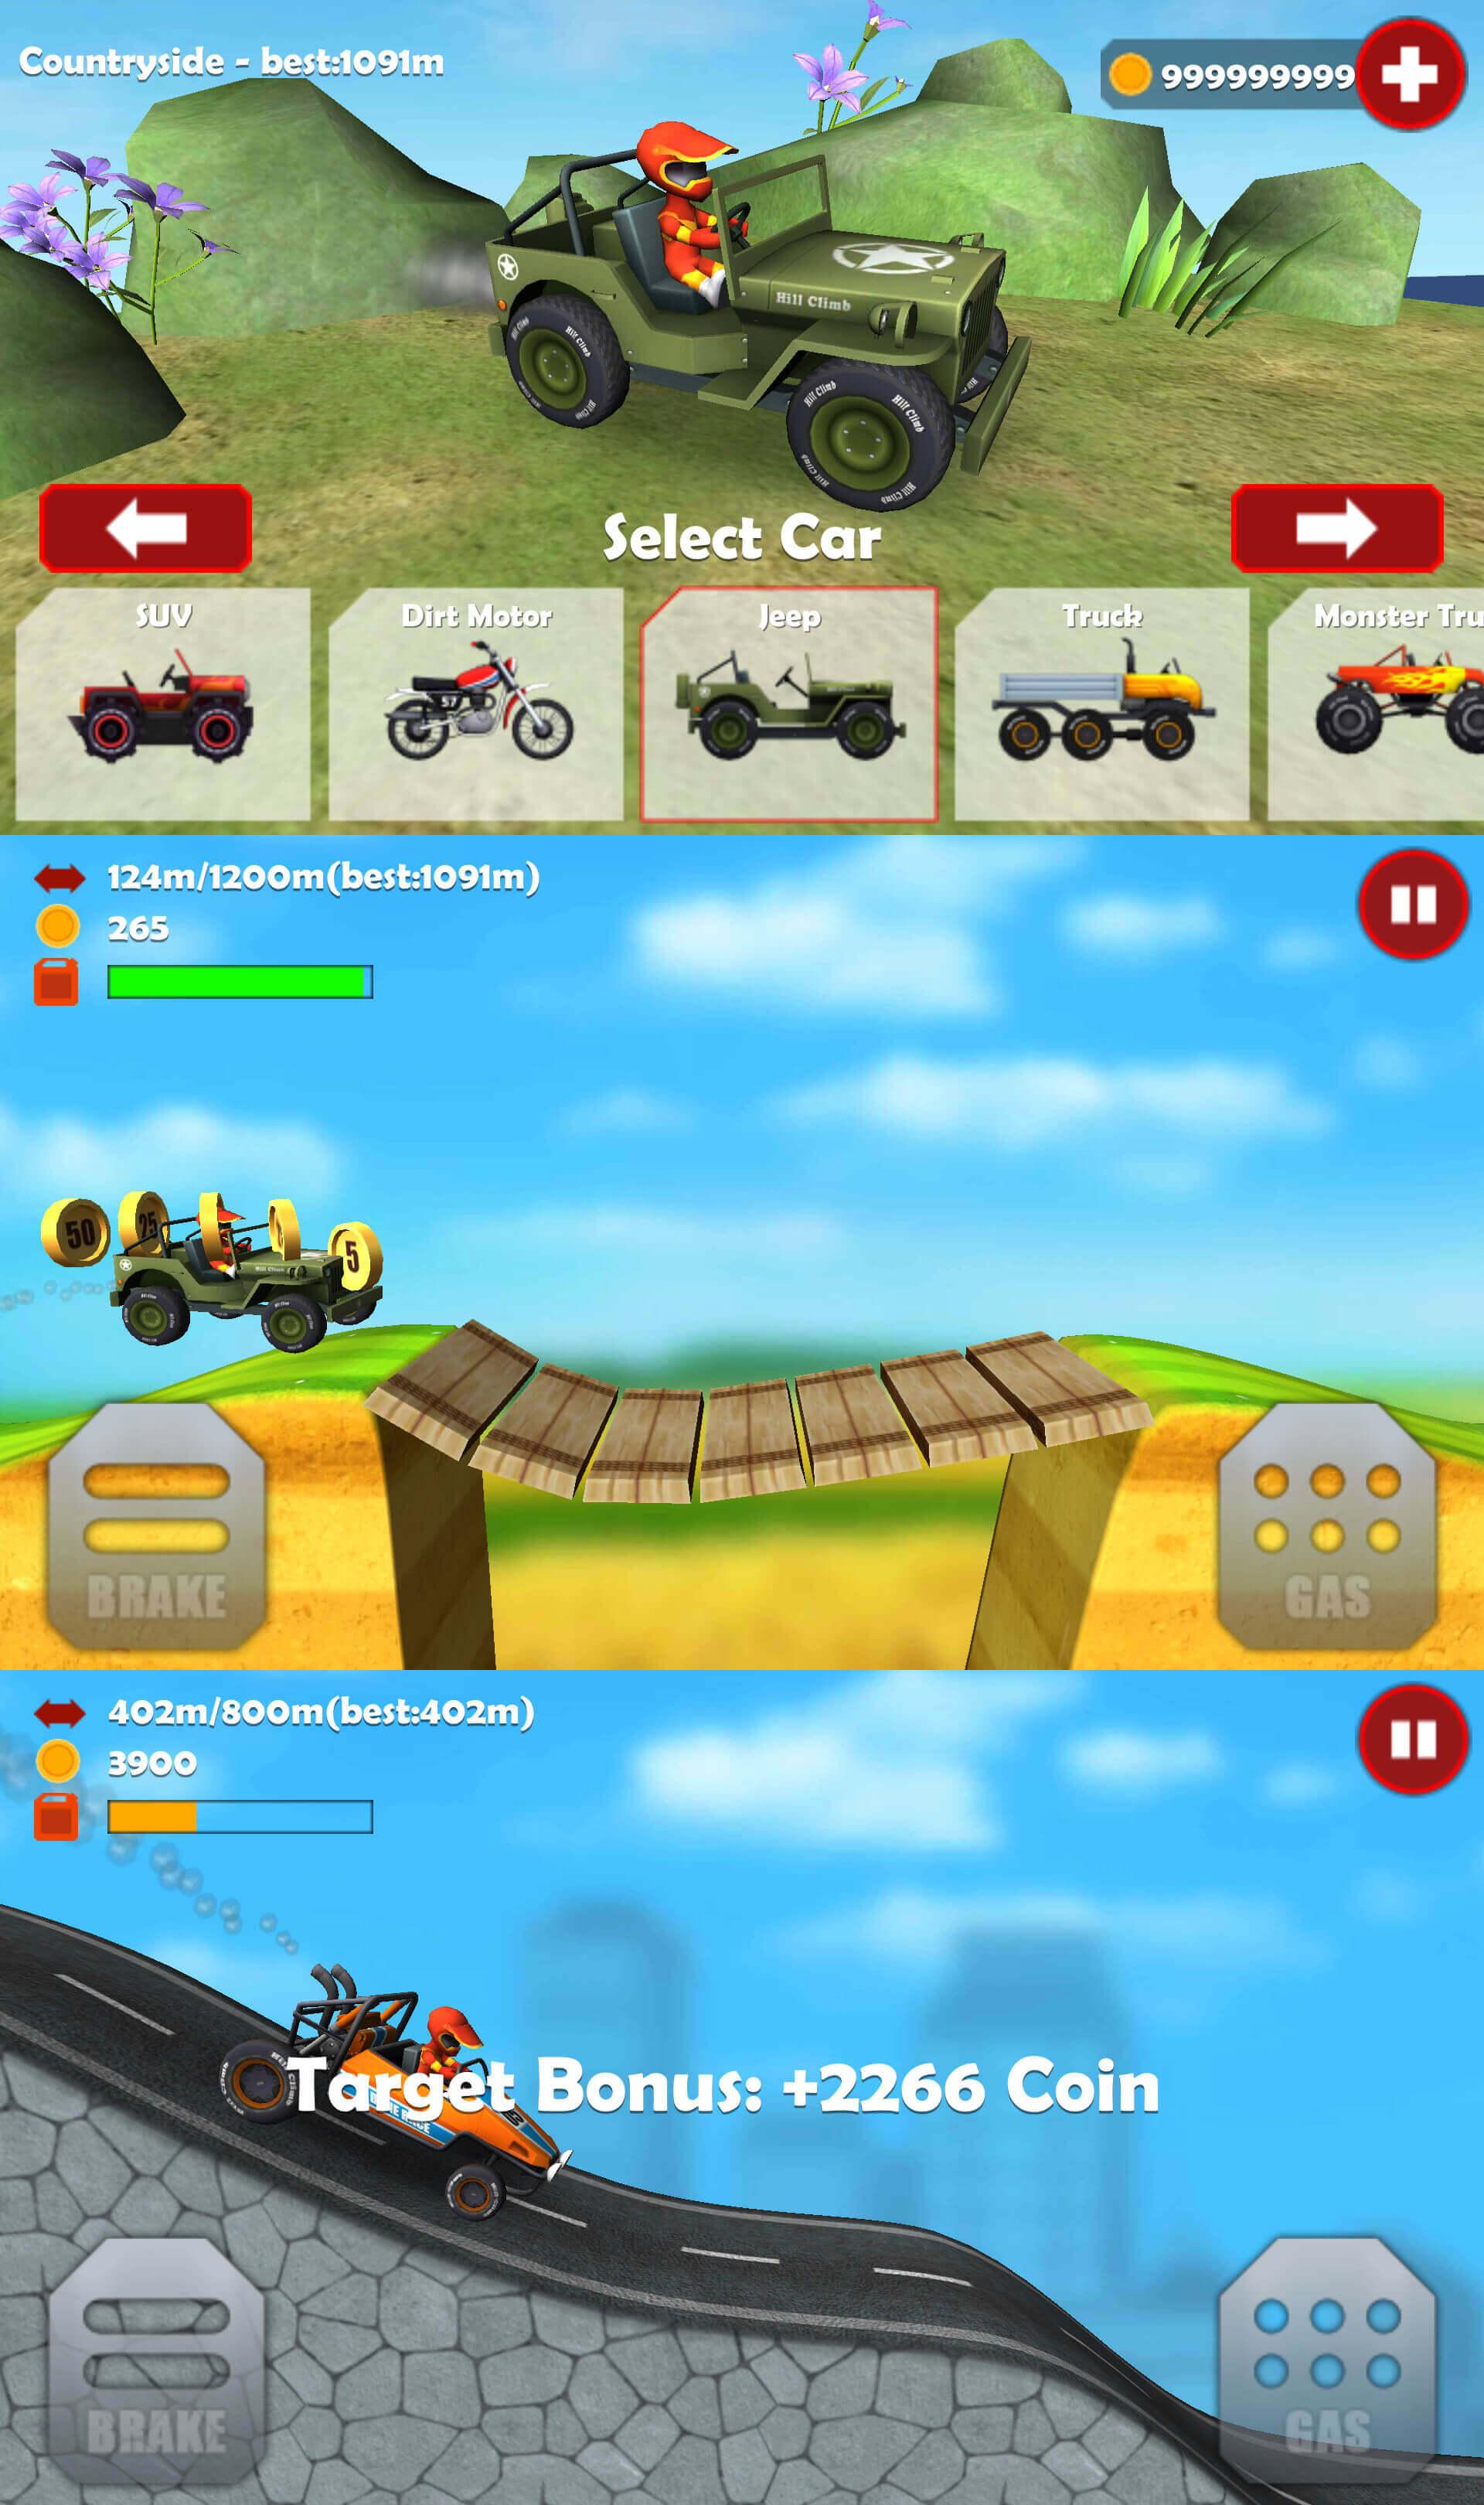 山地越野车3D无限金币版 休闲娱乐越野赛车游戏